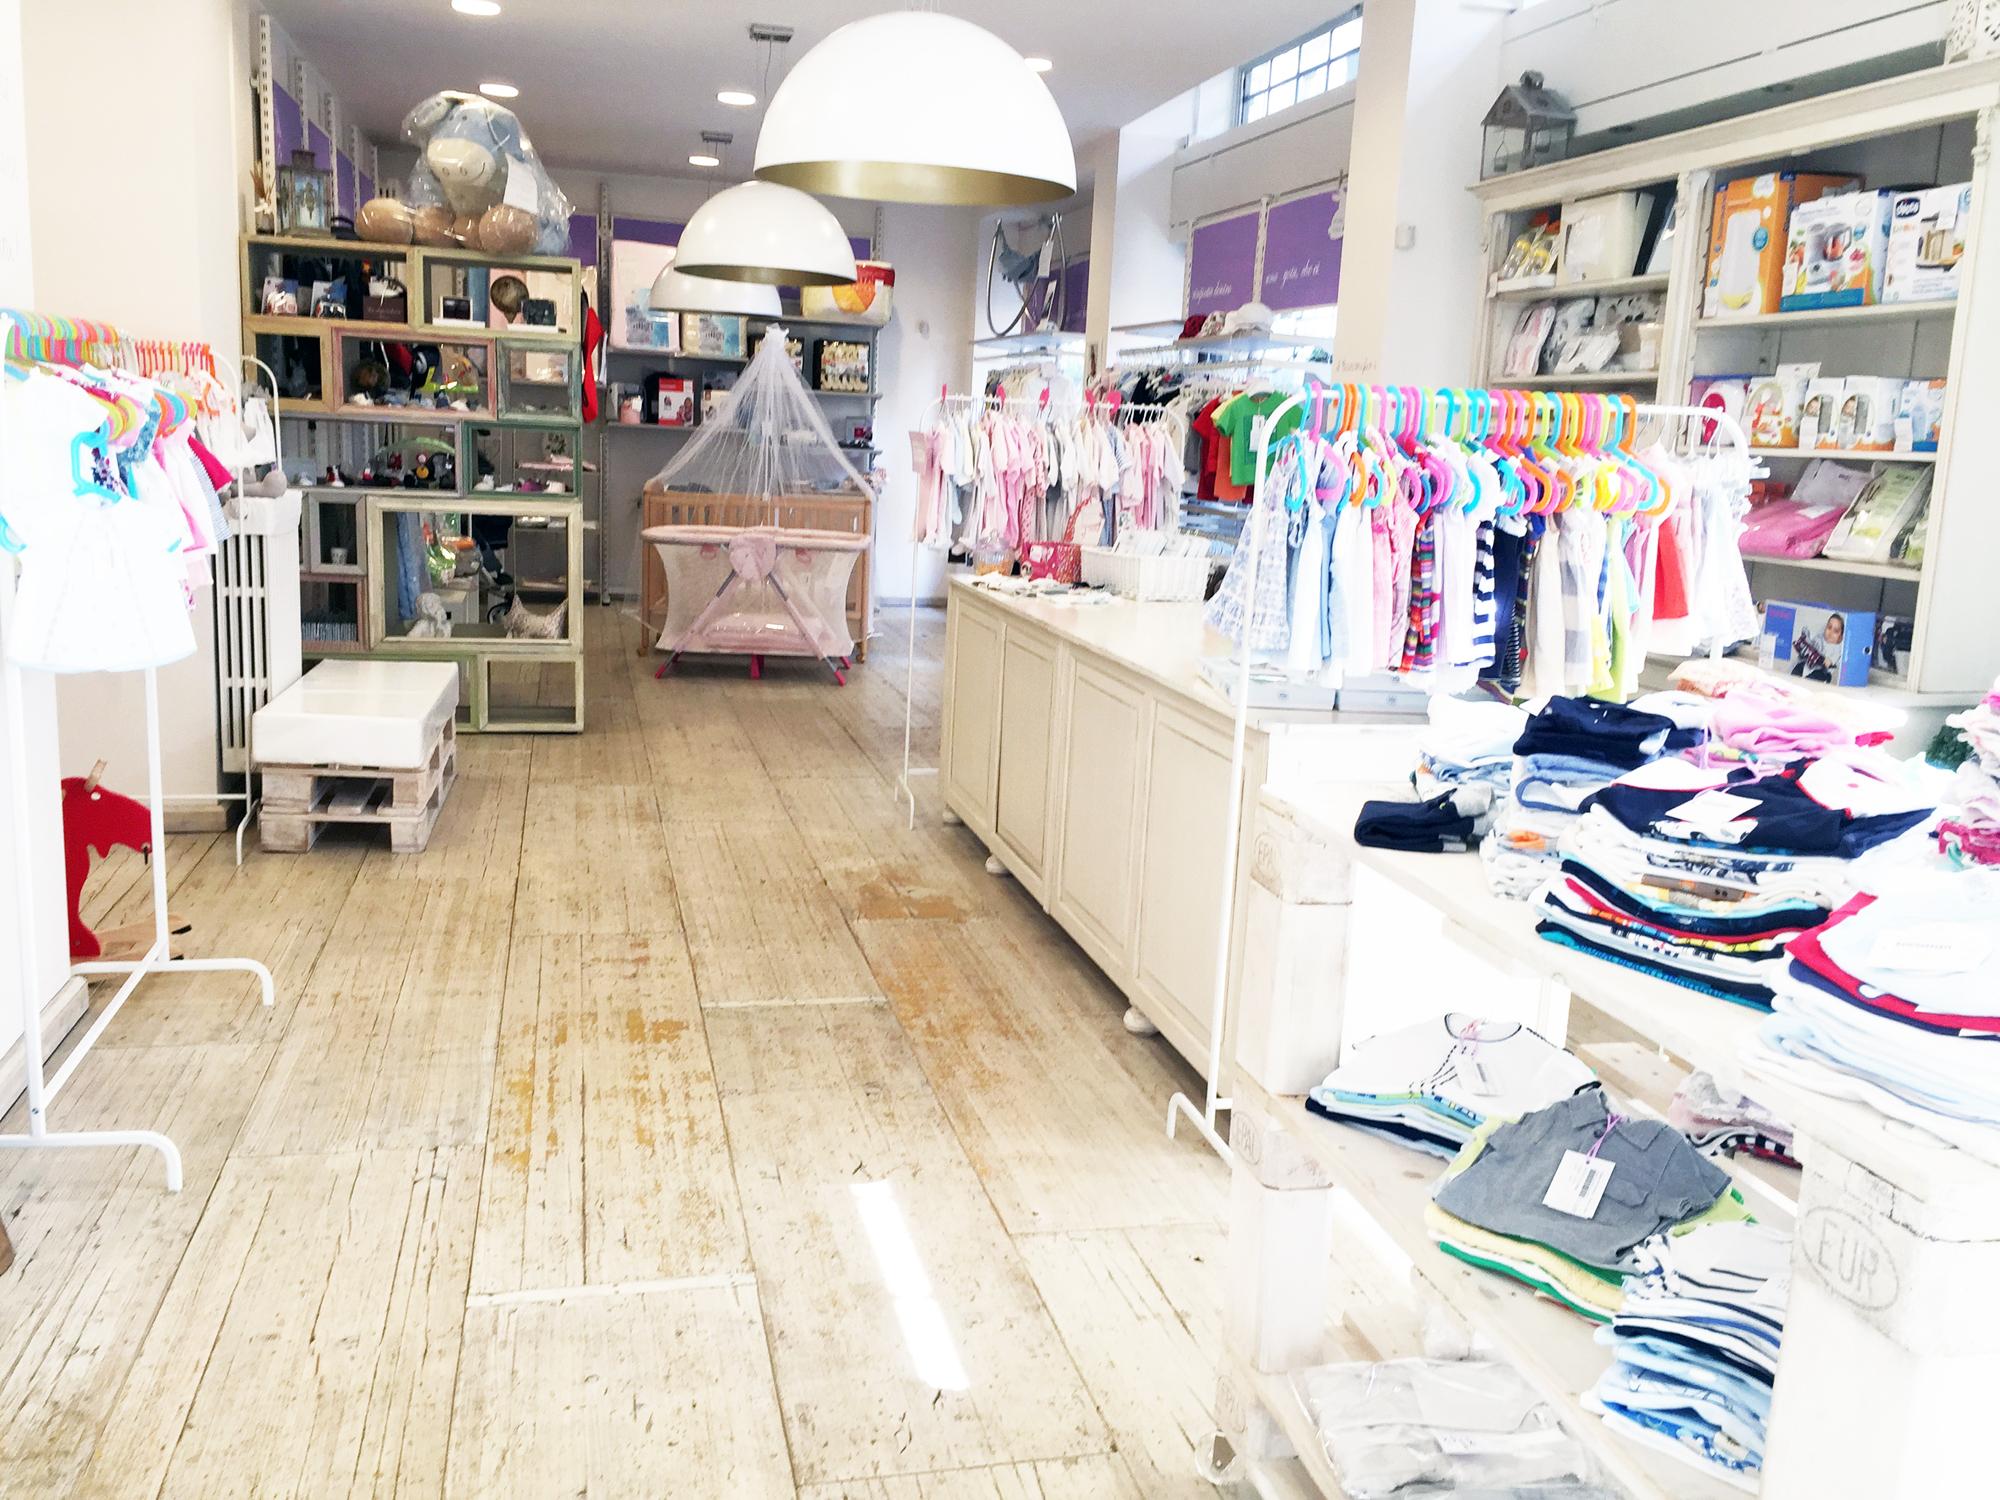 Il bianconiglio la boutique dell usato per bambini for Mercatino usato mobili milano